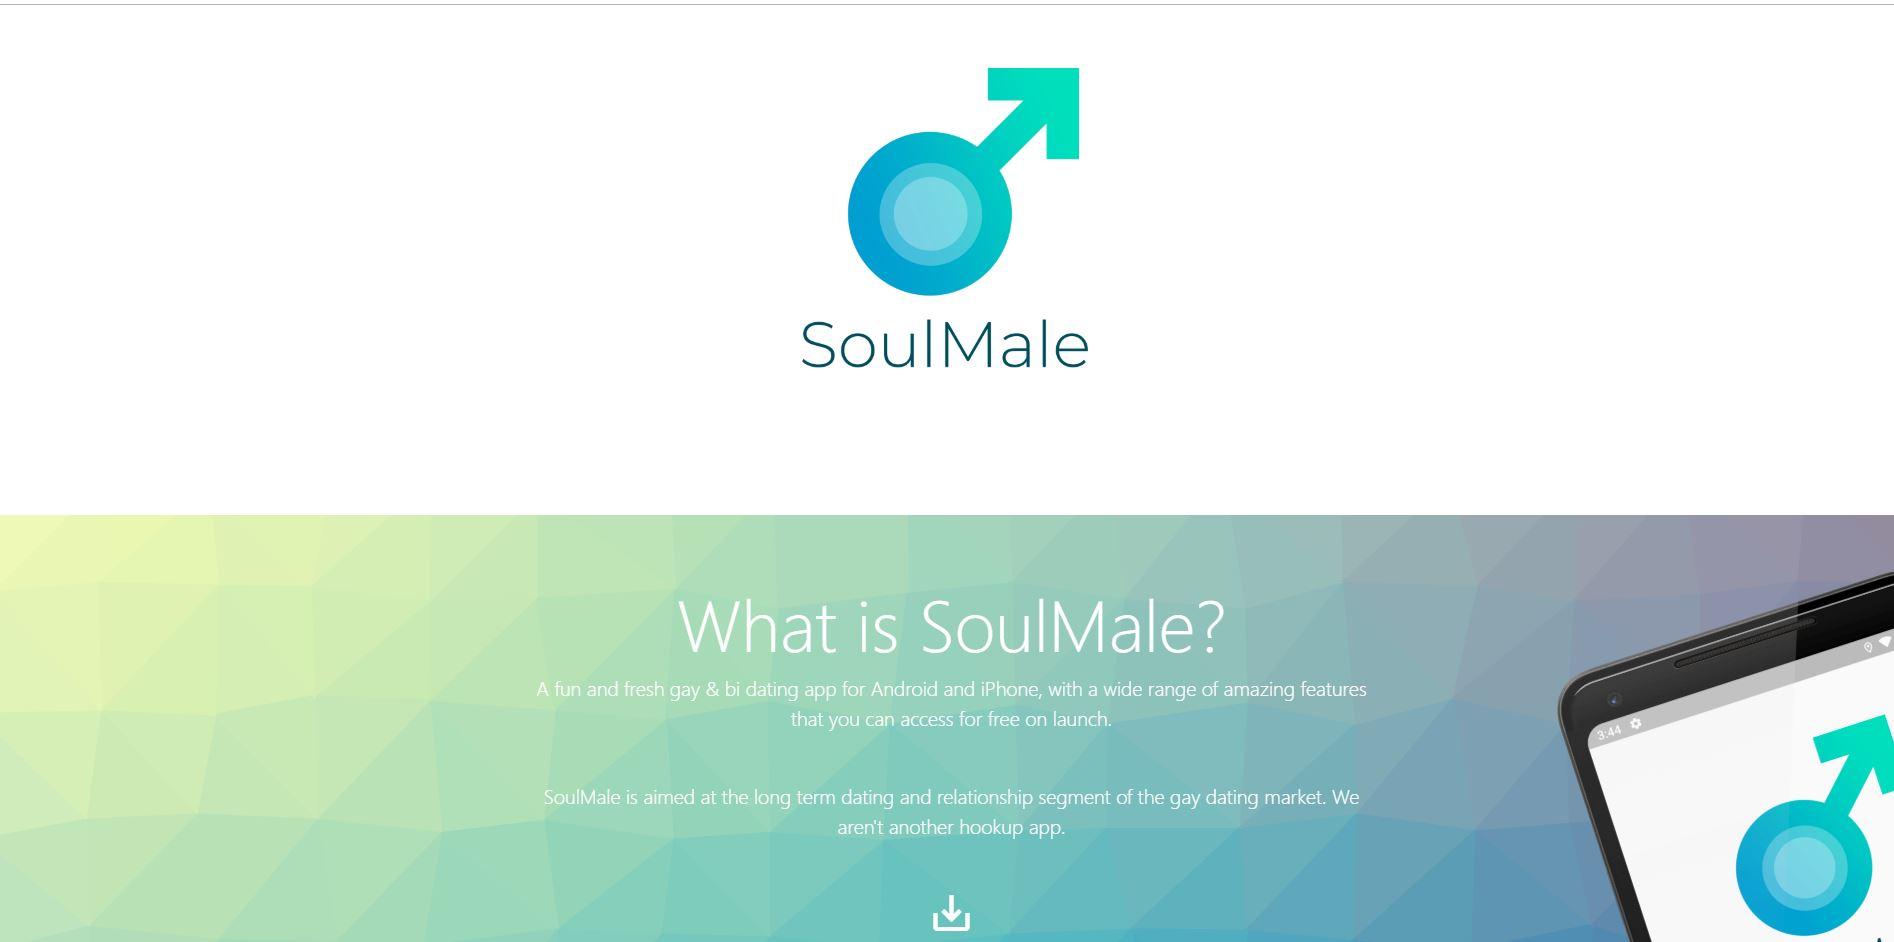 SoulMale